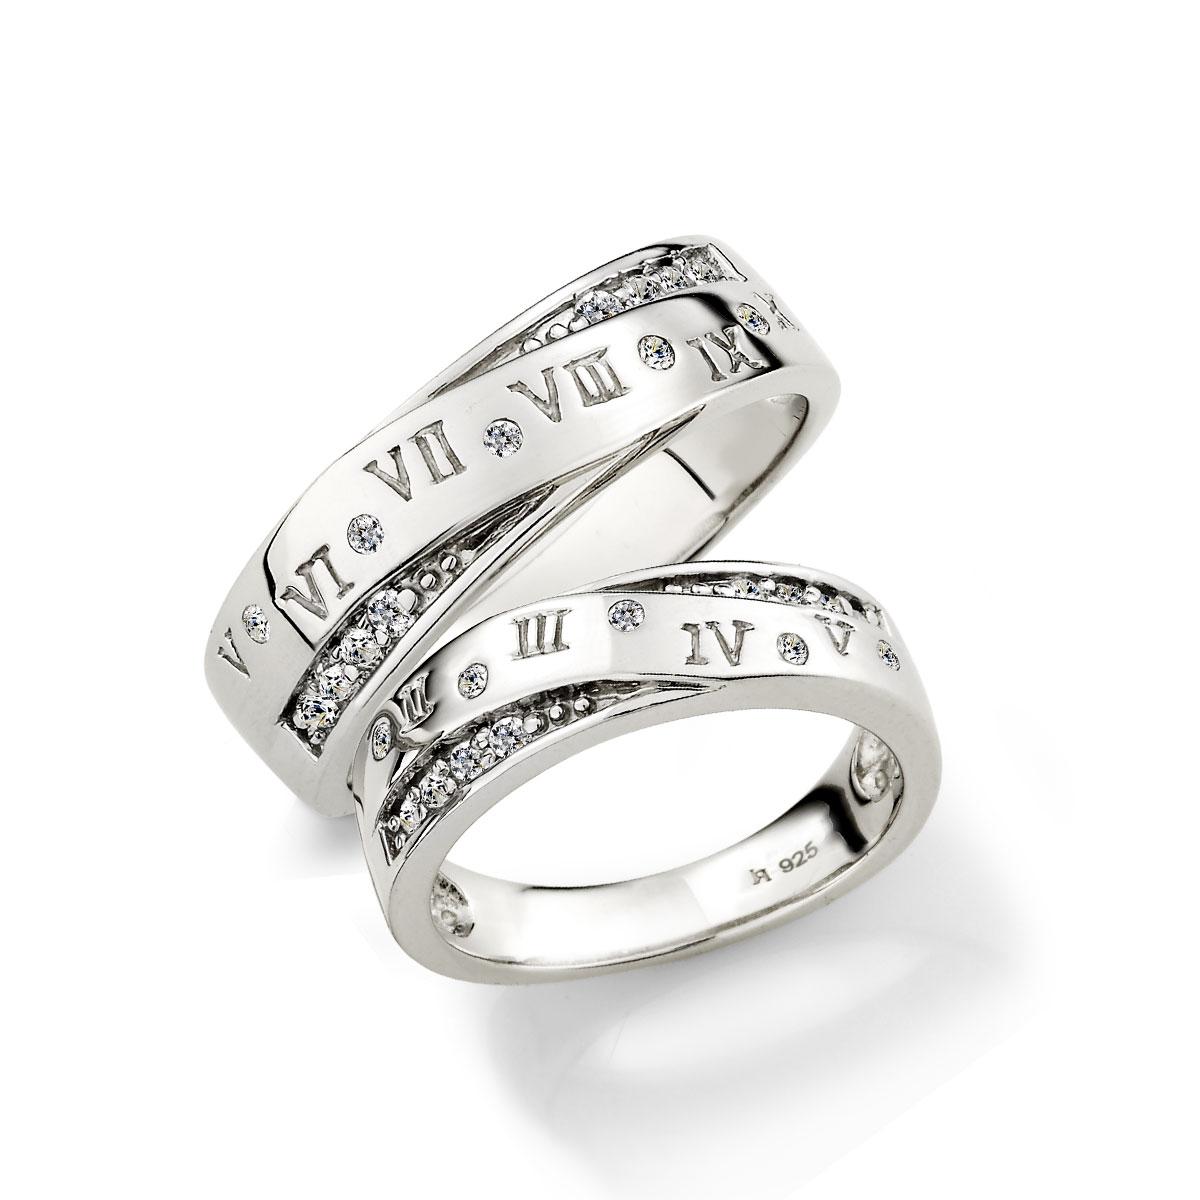 KSH22 羅馬戀人厚實情侶戒指